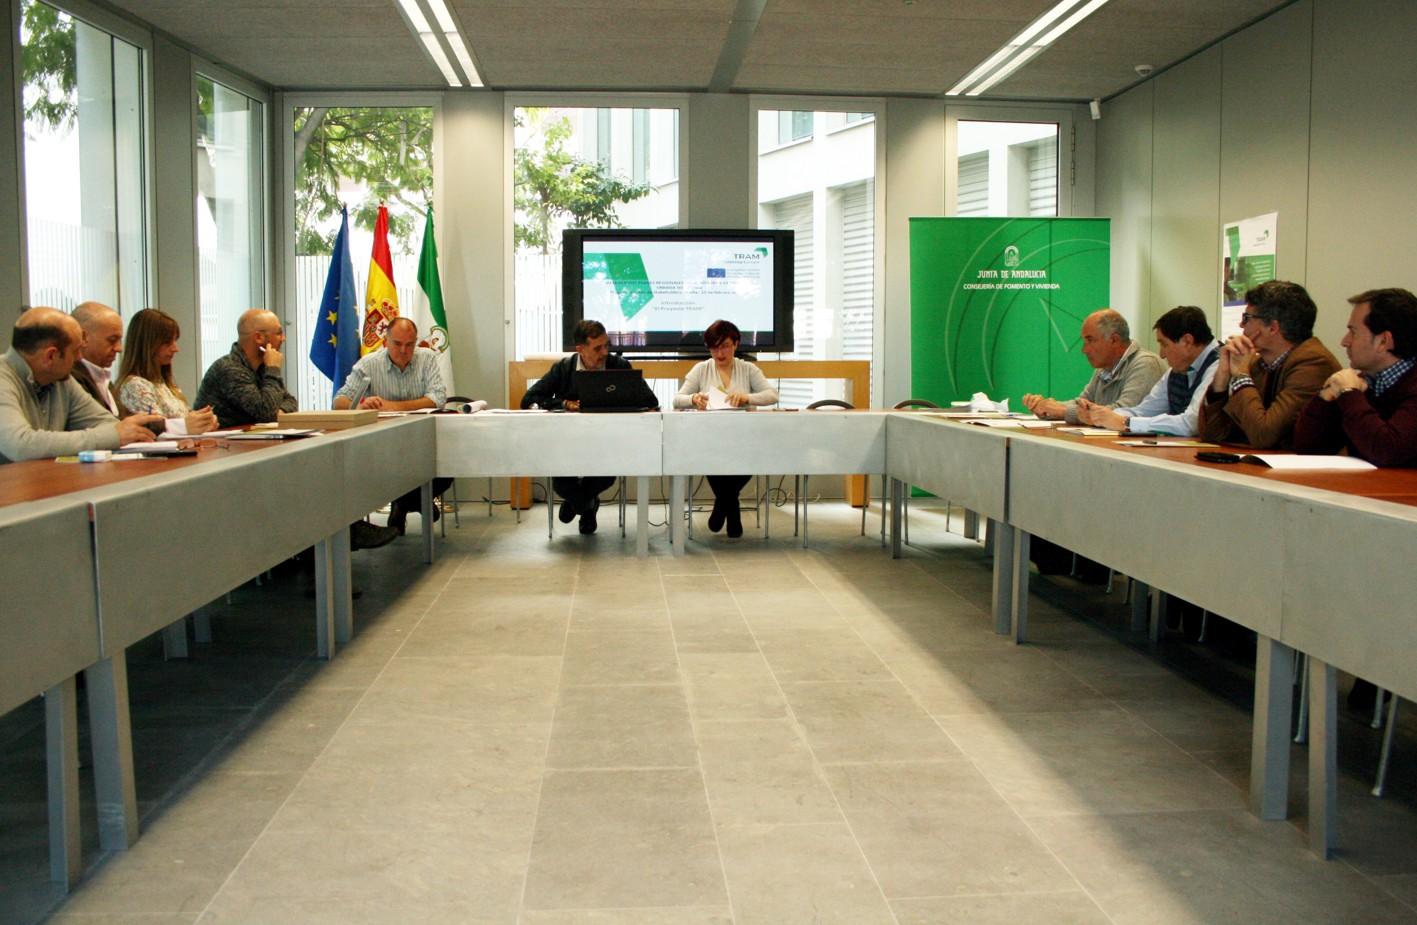 Reunión de expertos en la sede de la Consejería de Fomento en Sevilla.